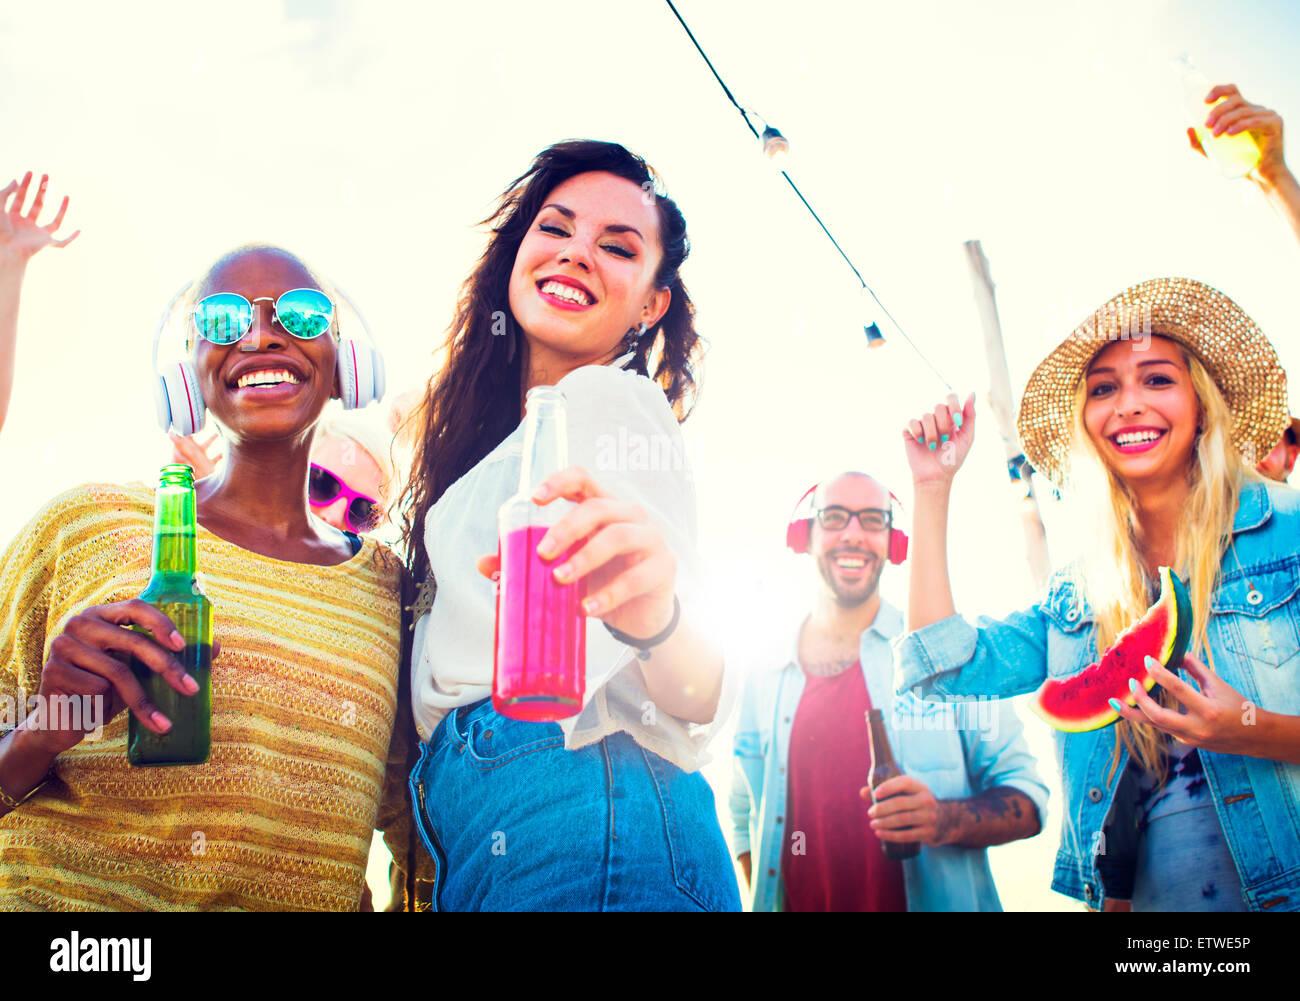 Freundschaft Feier Party Strand Sommer Konzept Stockbild